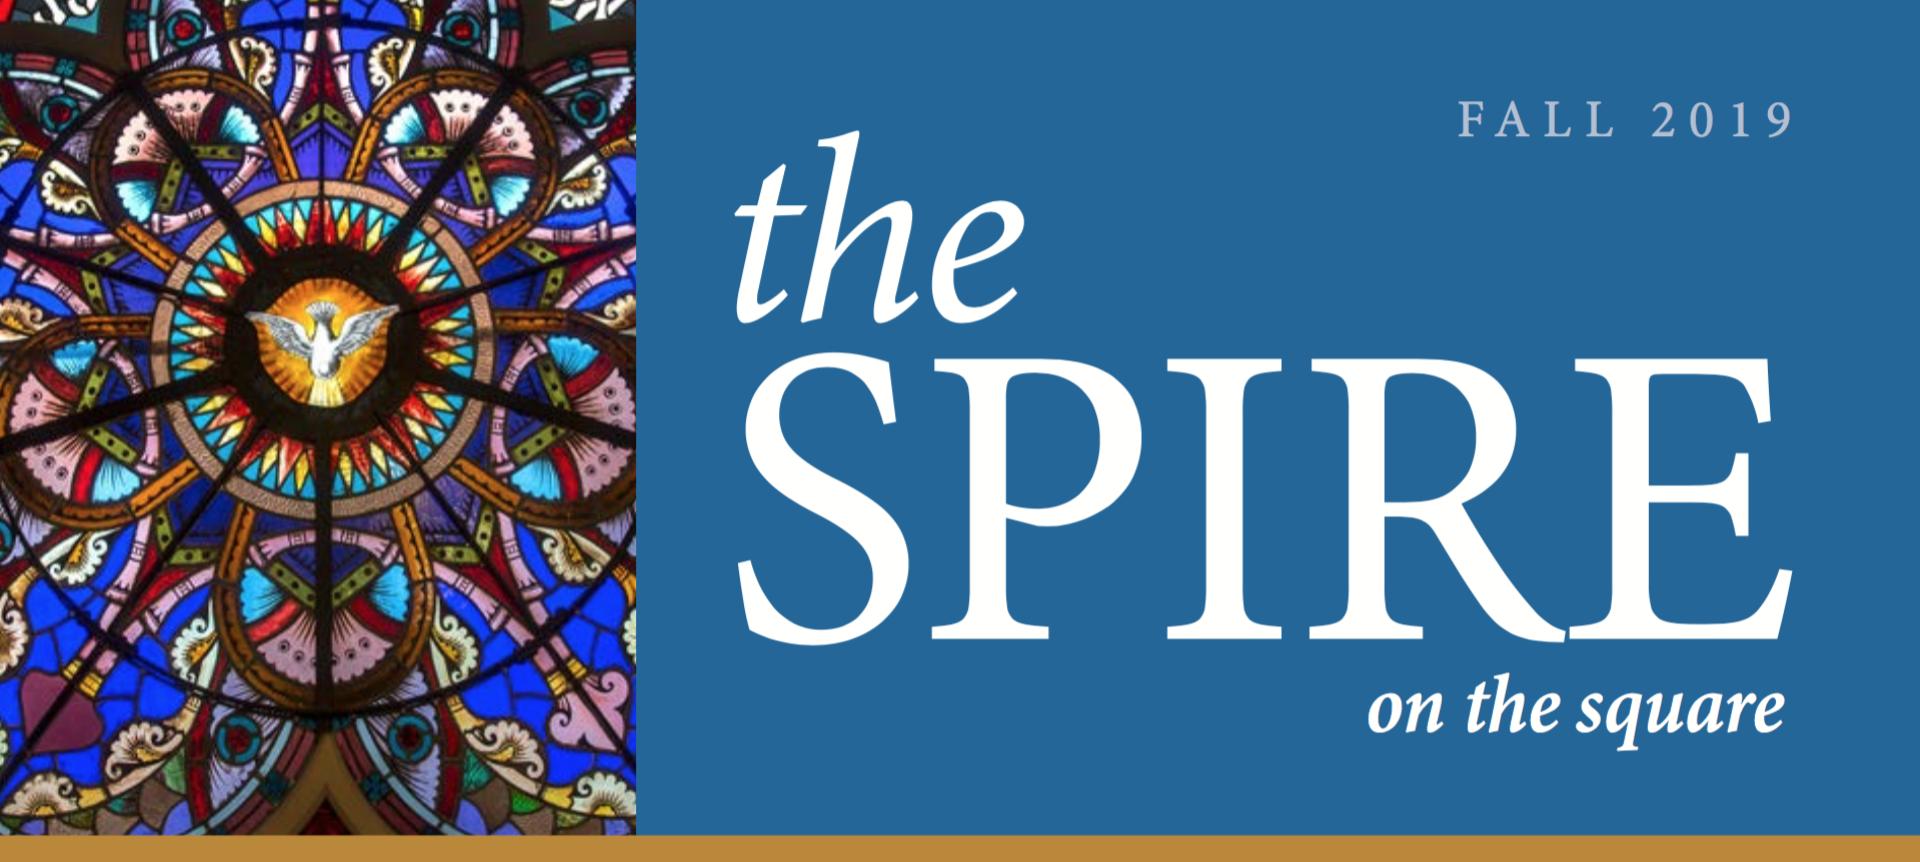 The Spire newsletter banner